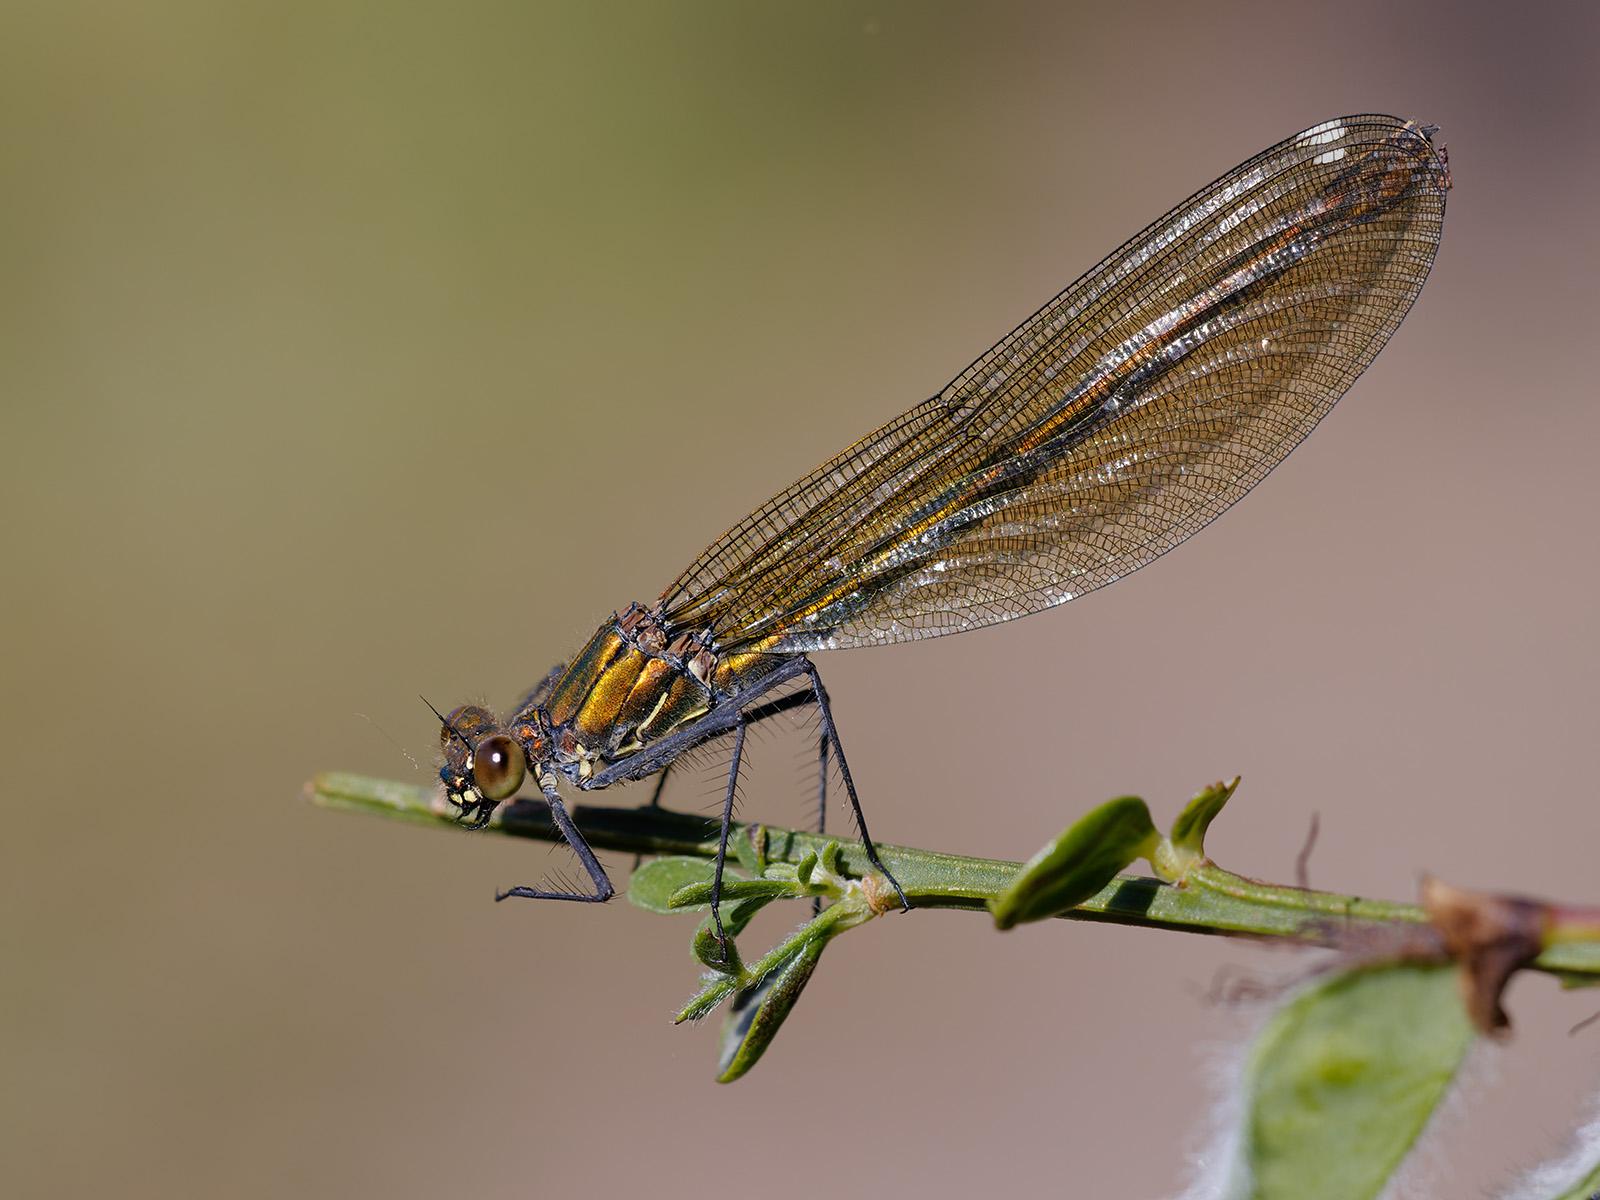 Calopteryx s. splendens, female